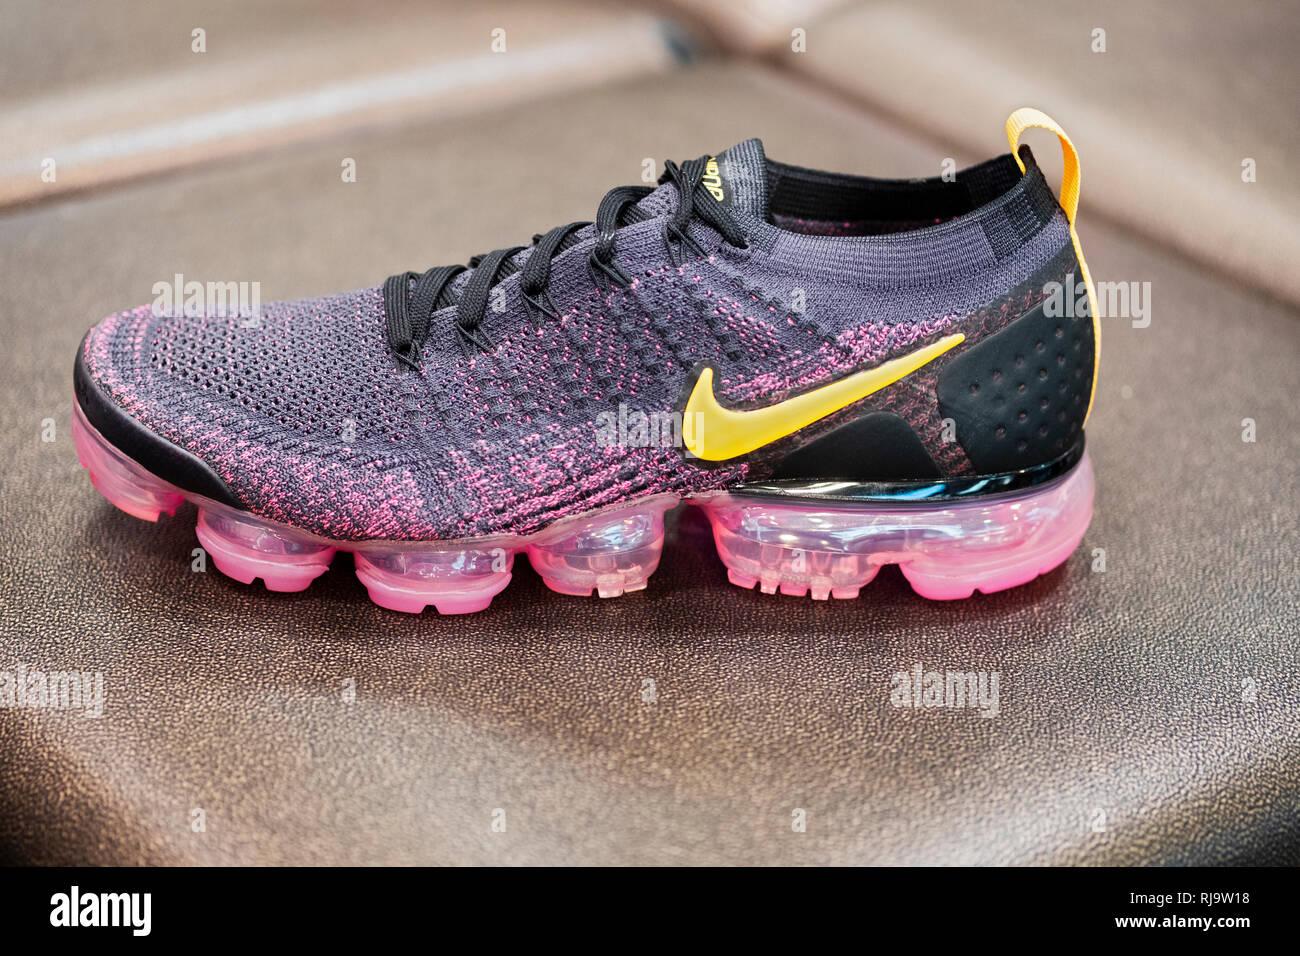 Vapormax Nike zapato que se vende por  190 una pareja. En de Footlocker en  el cb104f95da325